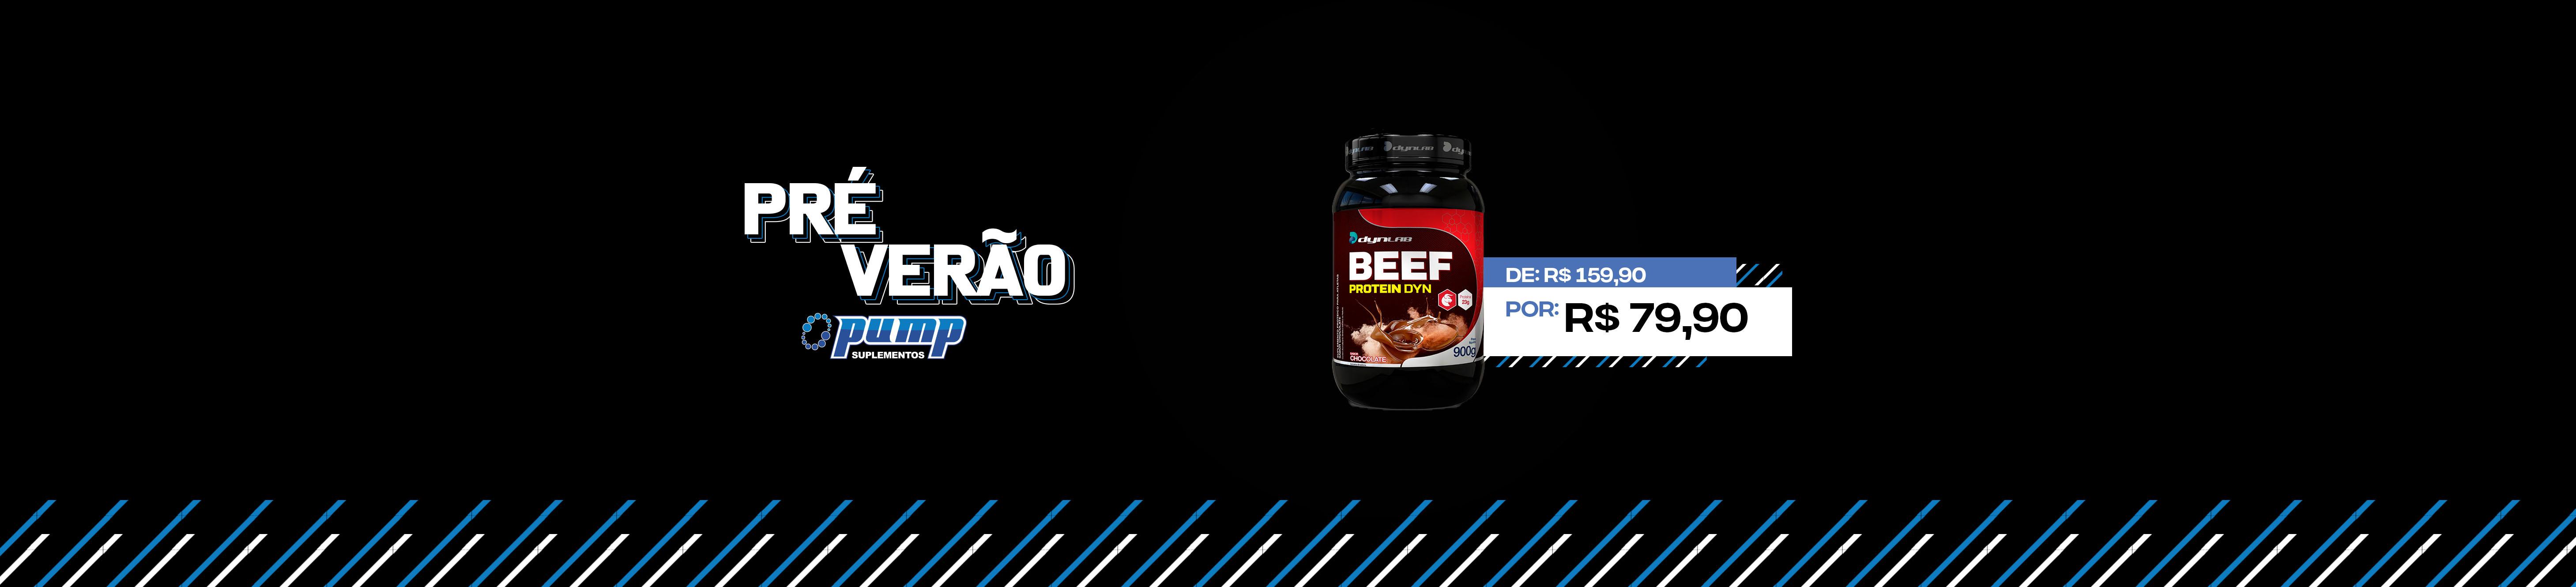 PRÉ VERÃO - Beef Protein Dyn